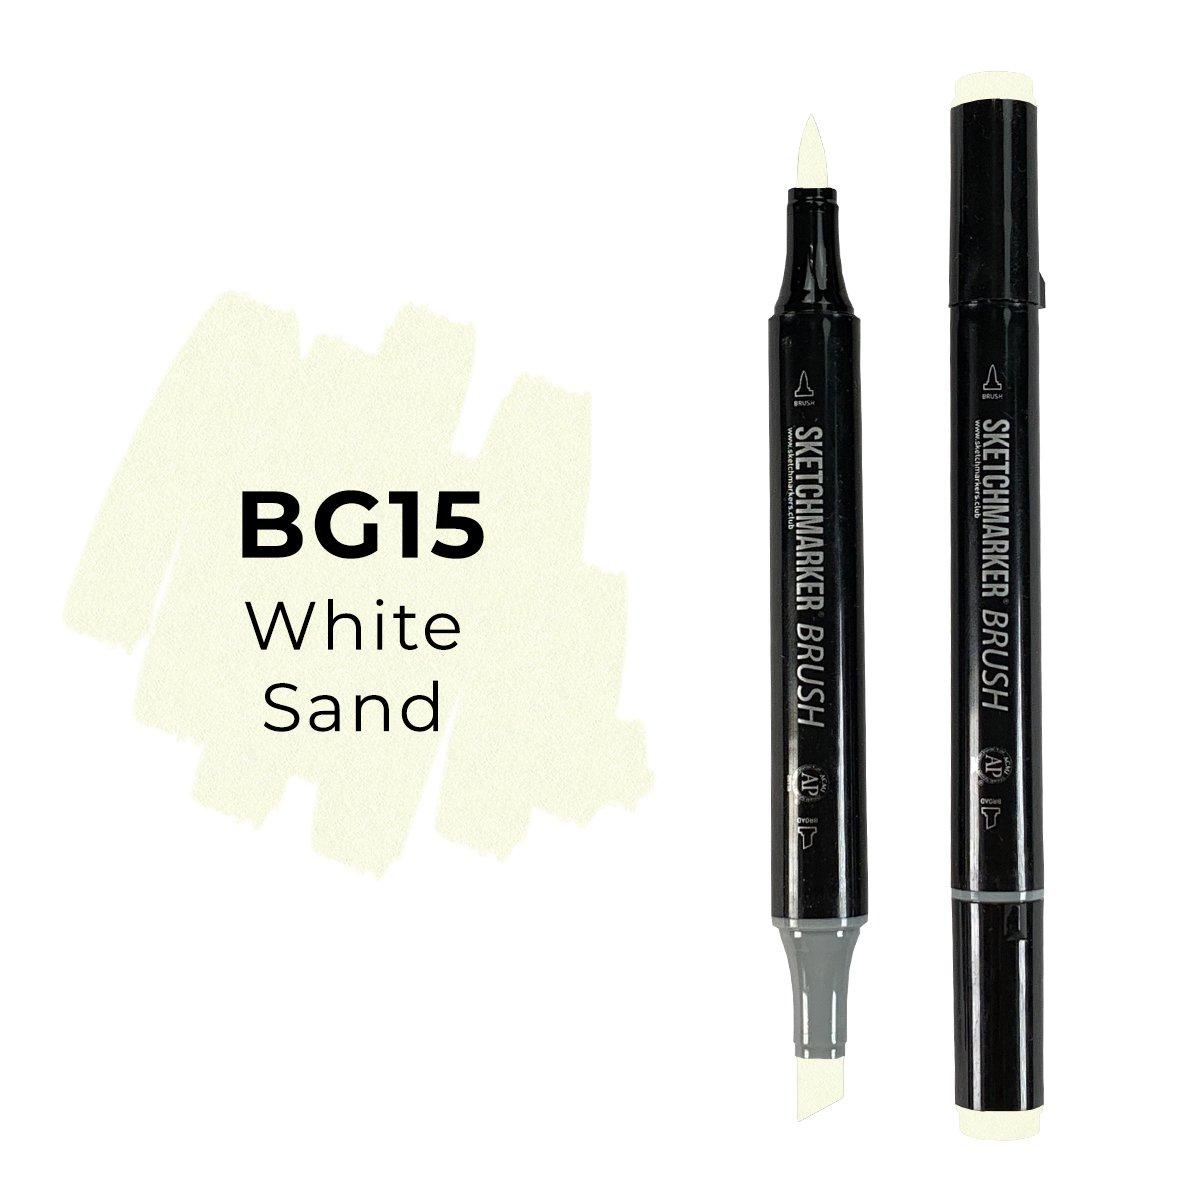 SKETCHMARKER BRUSH PRO Color: White Sand